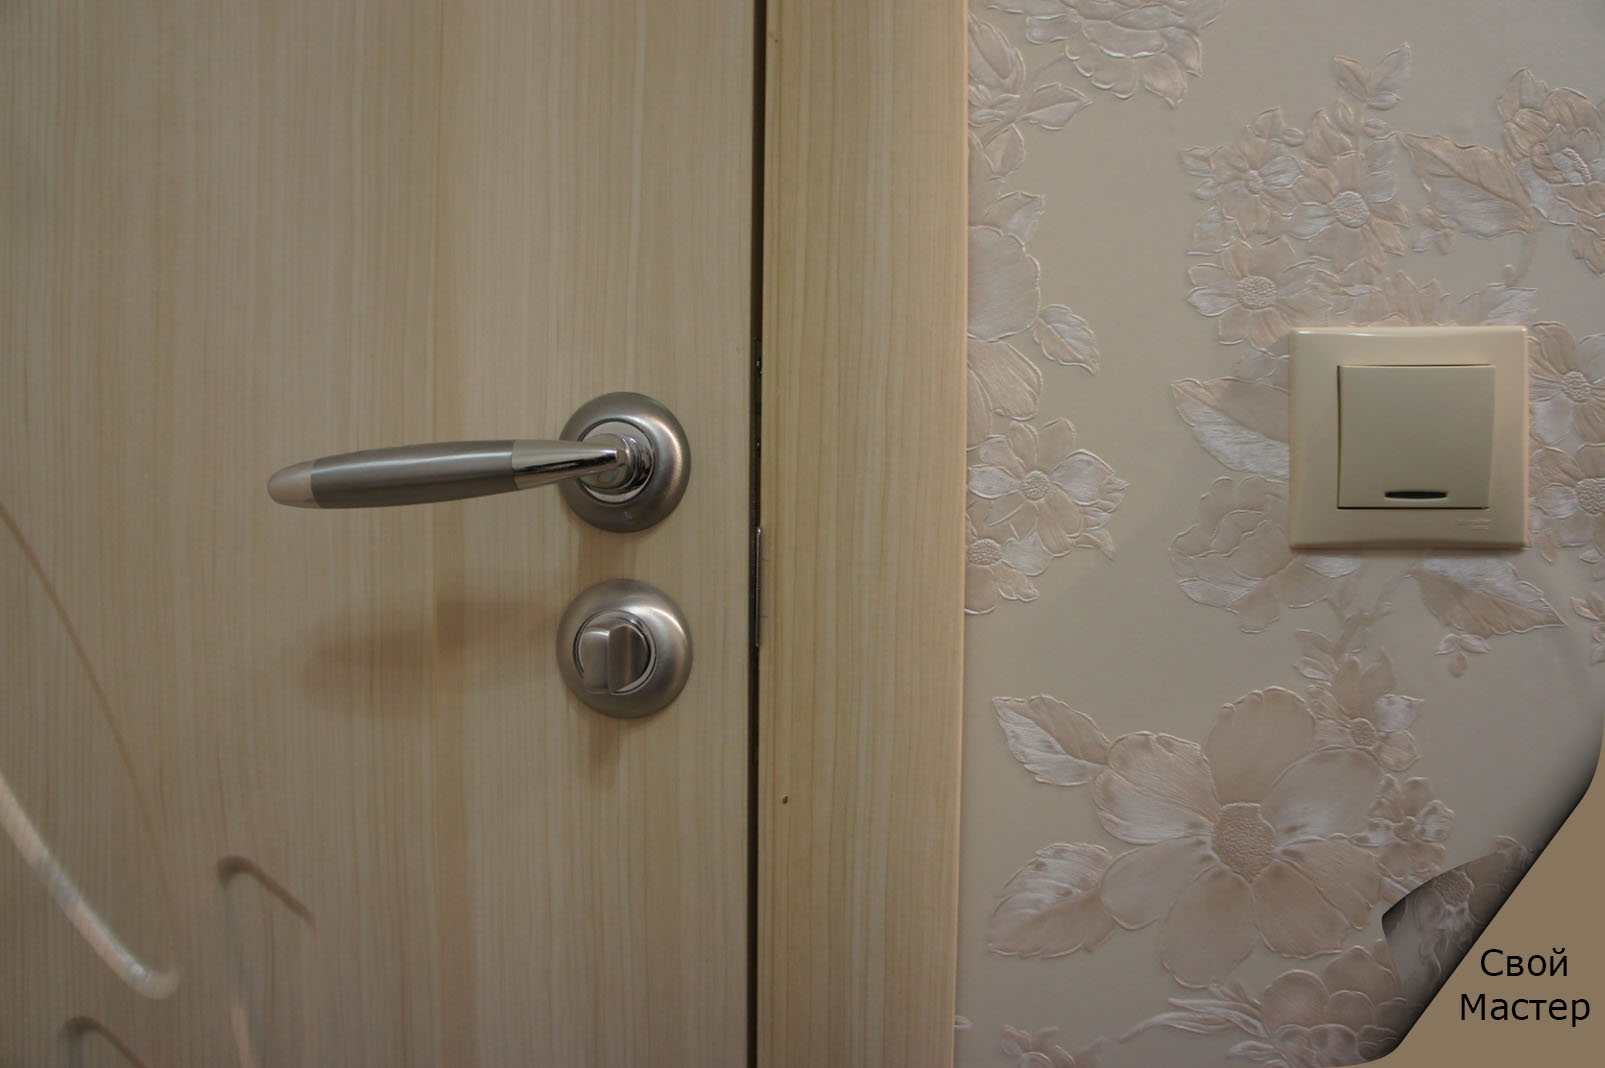 Свой Мастер. ремонт квартиры любой сложности под ключ - Свой Мастер